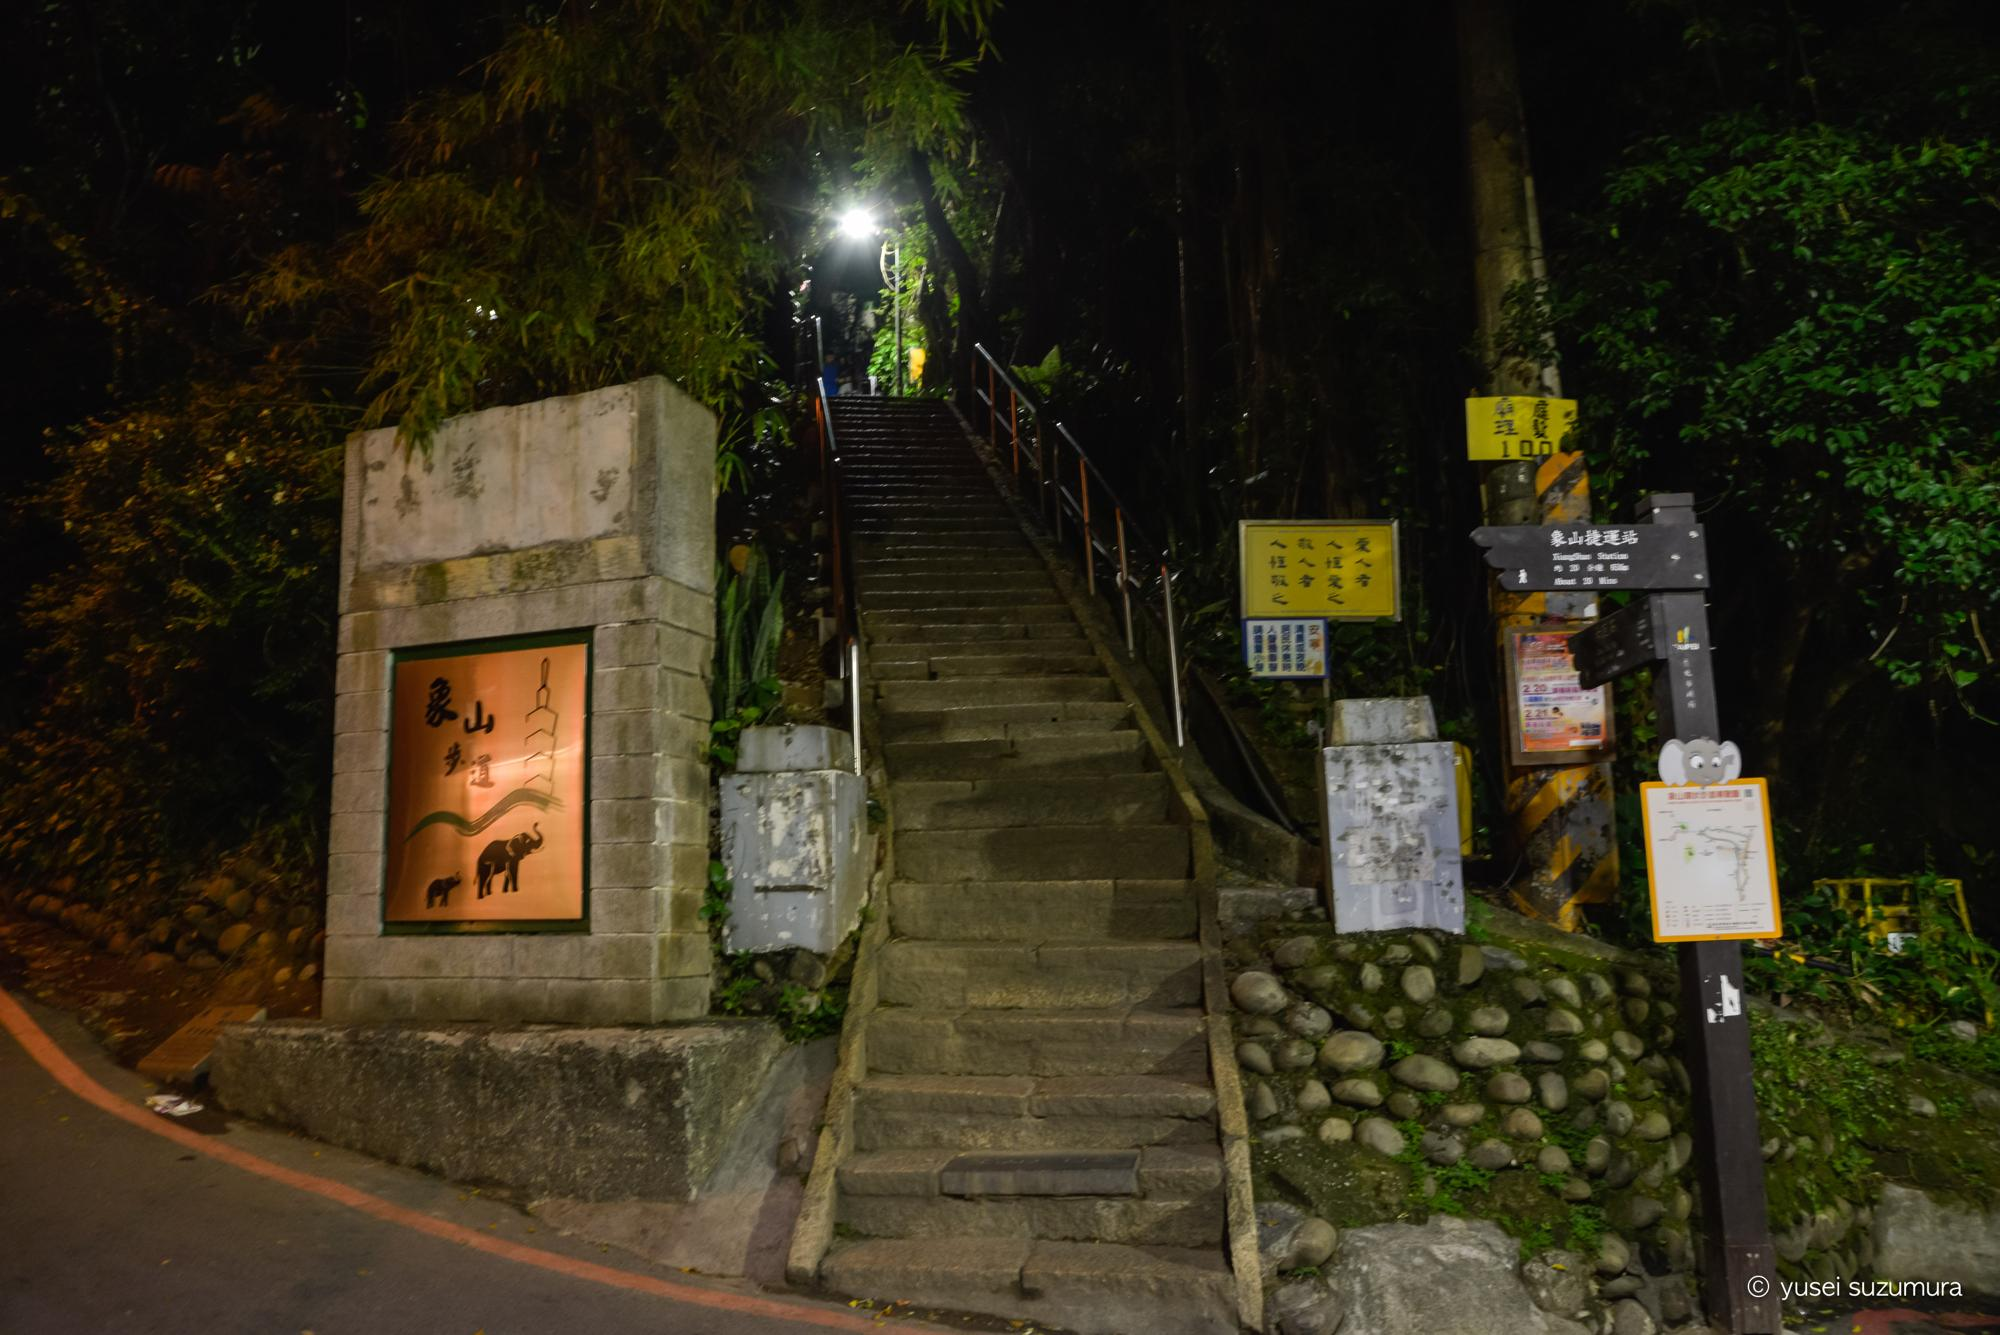 象山公園登山口 夜